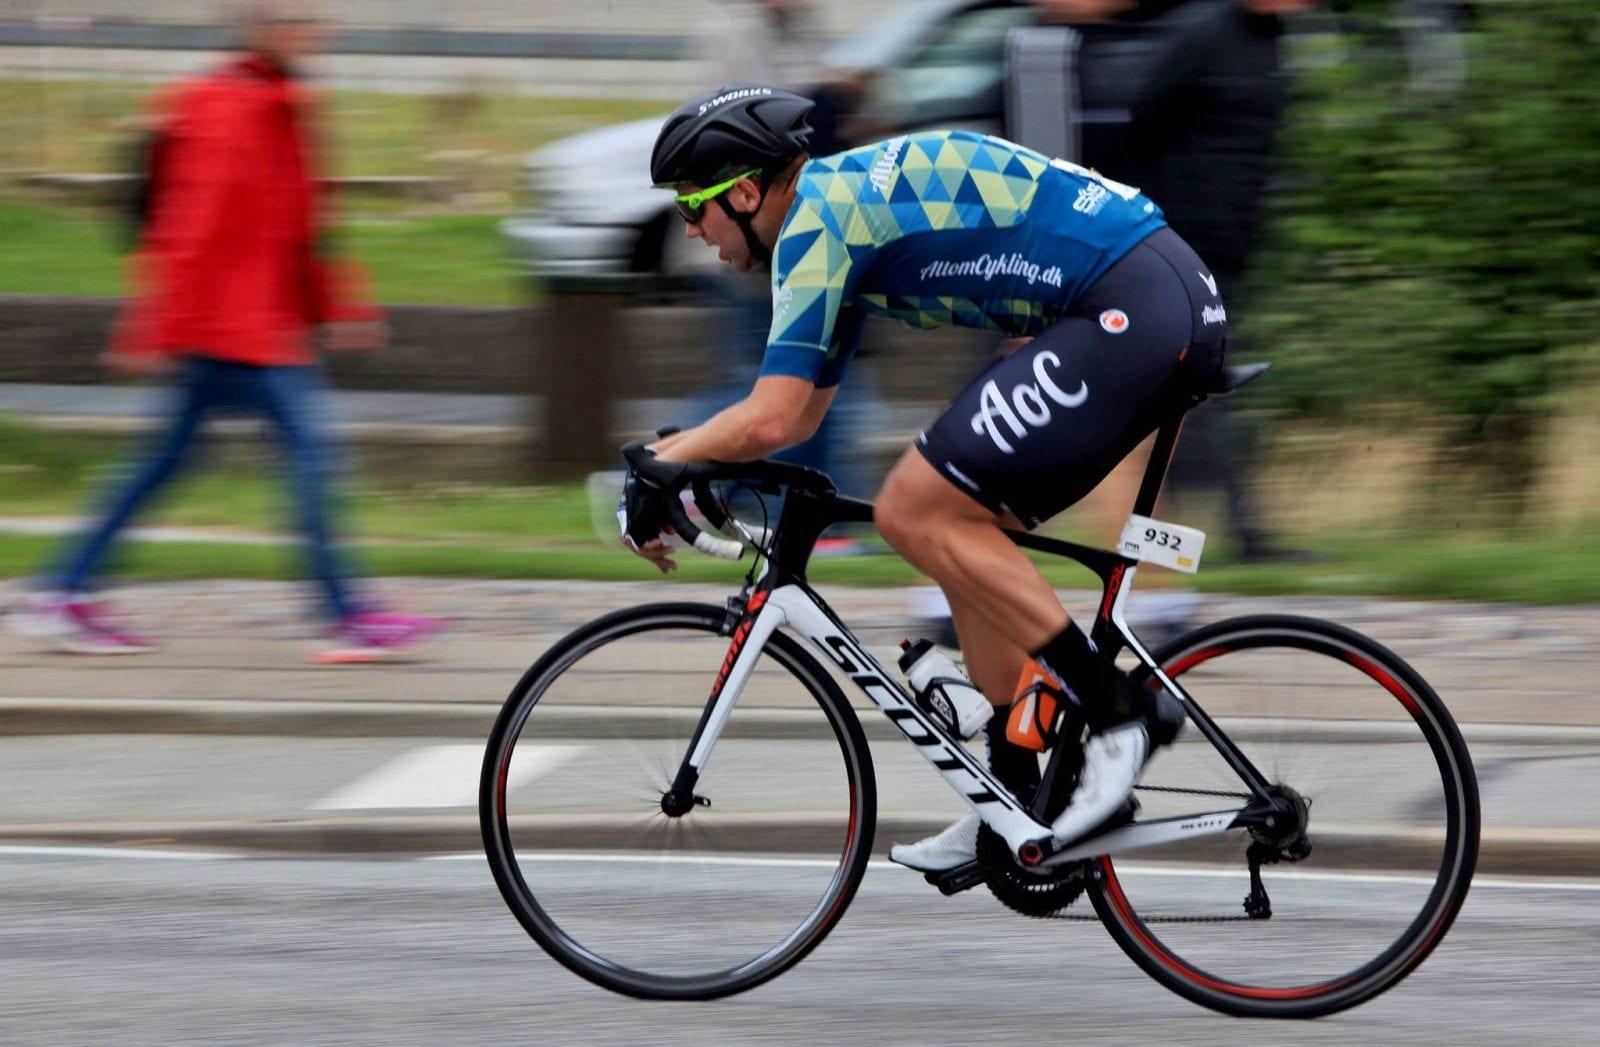 På jagt efter sejr under TV2 på Tour i Aabenraa. Foto: Viggo Kohberg